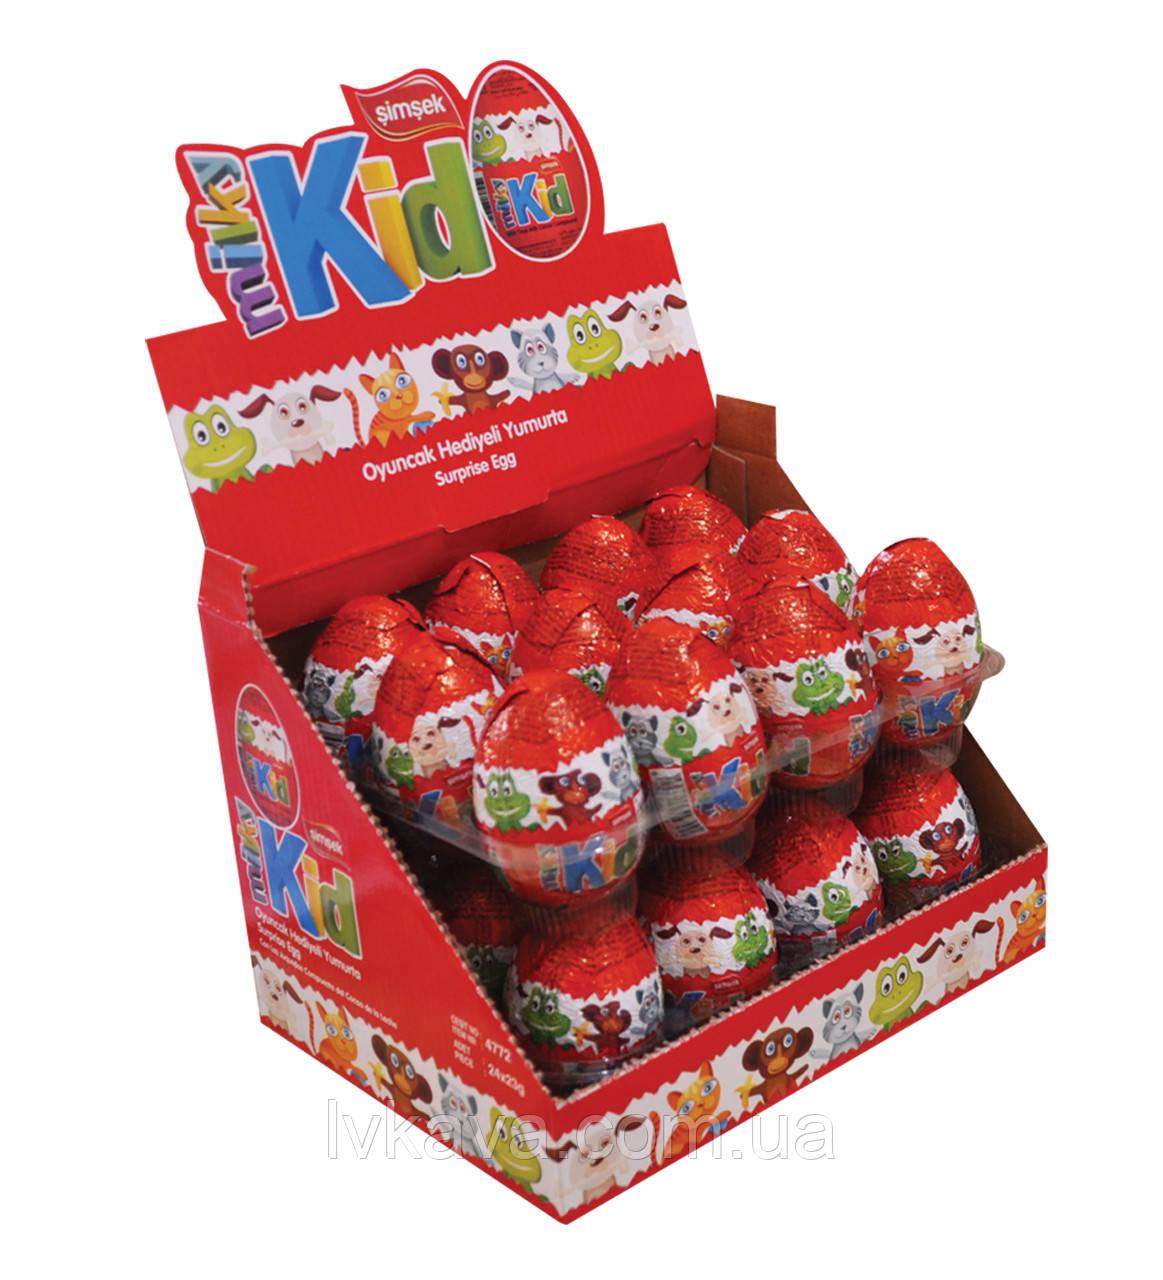 Яйцо-игрушка Simsek Milky Kid  23 g X 24 шт